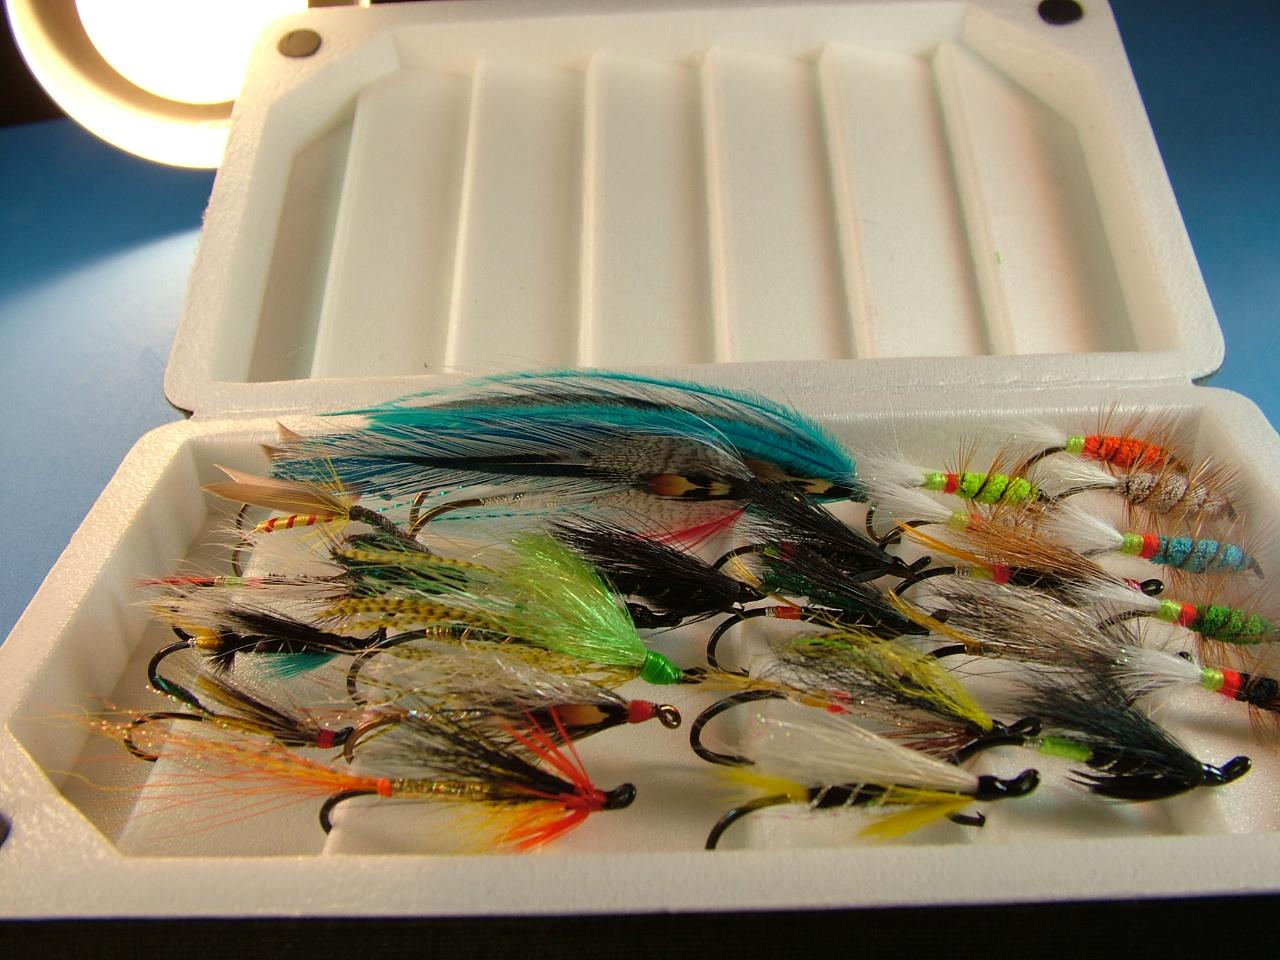 moscas salmón, pesca salmón a mosca, cotos de salmón, montaje de salmón, r´kios salmoneros